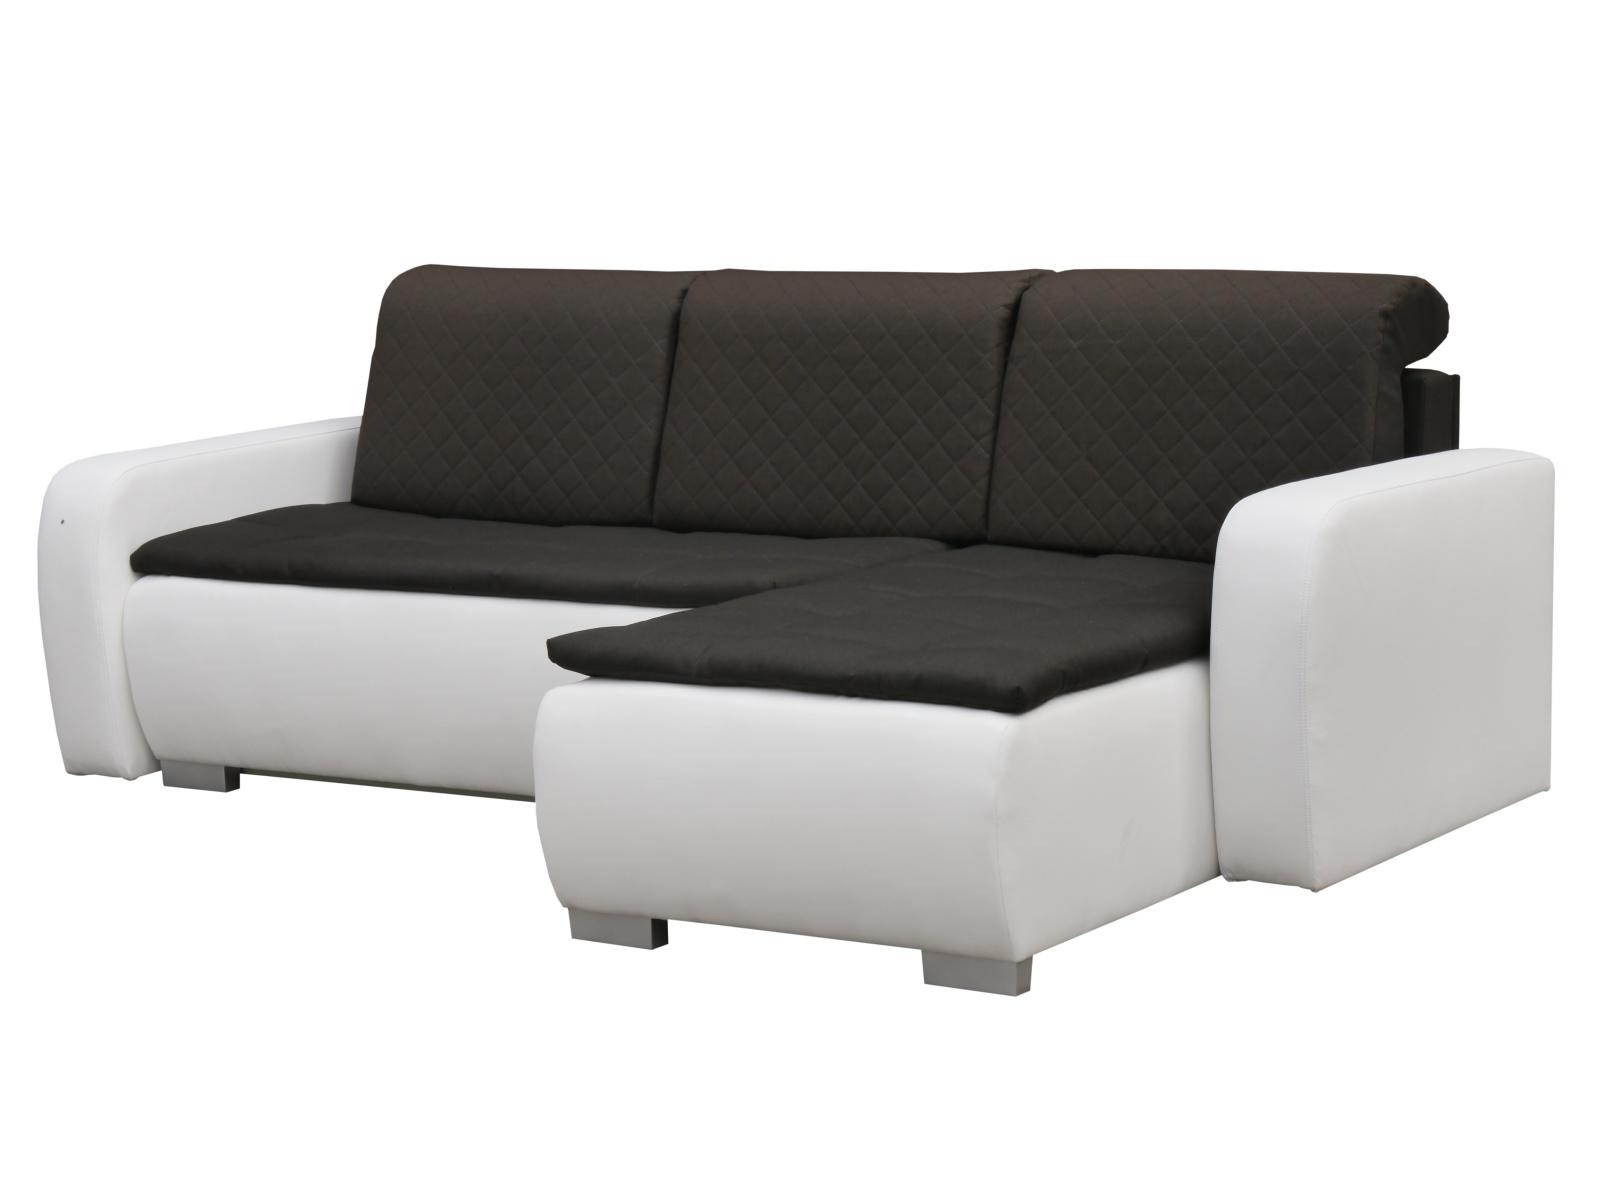 Smartshop Rohová sedačka GRAND 9, pravá, hnědá/bílá